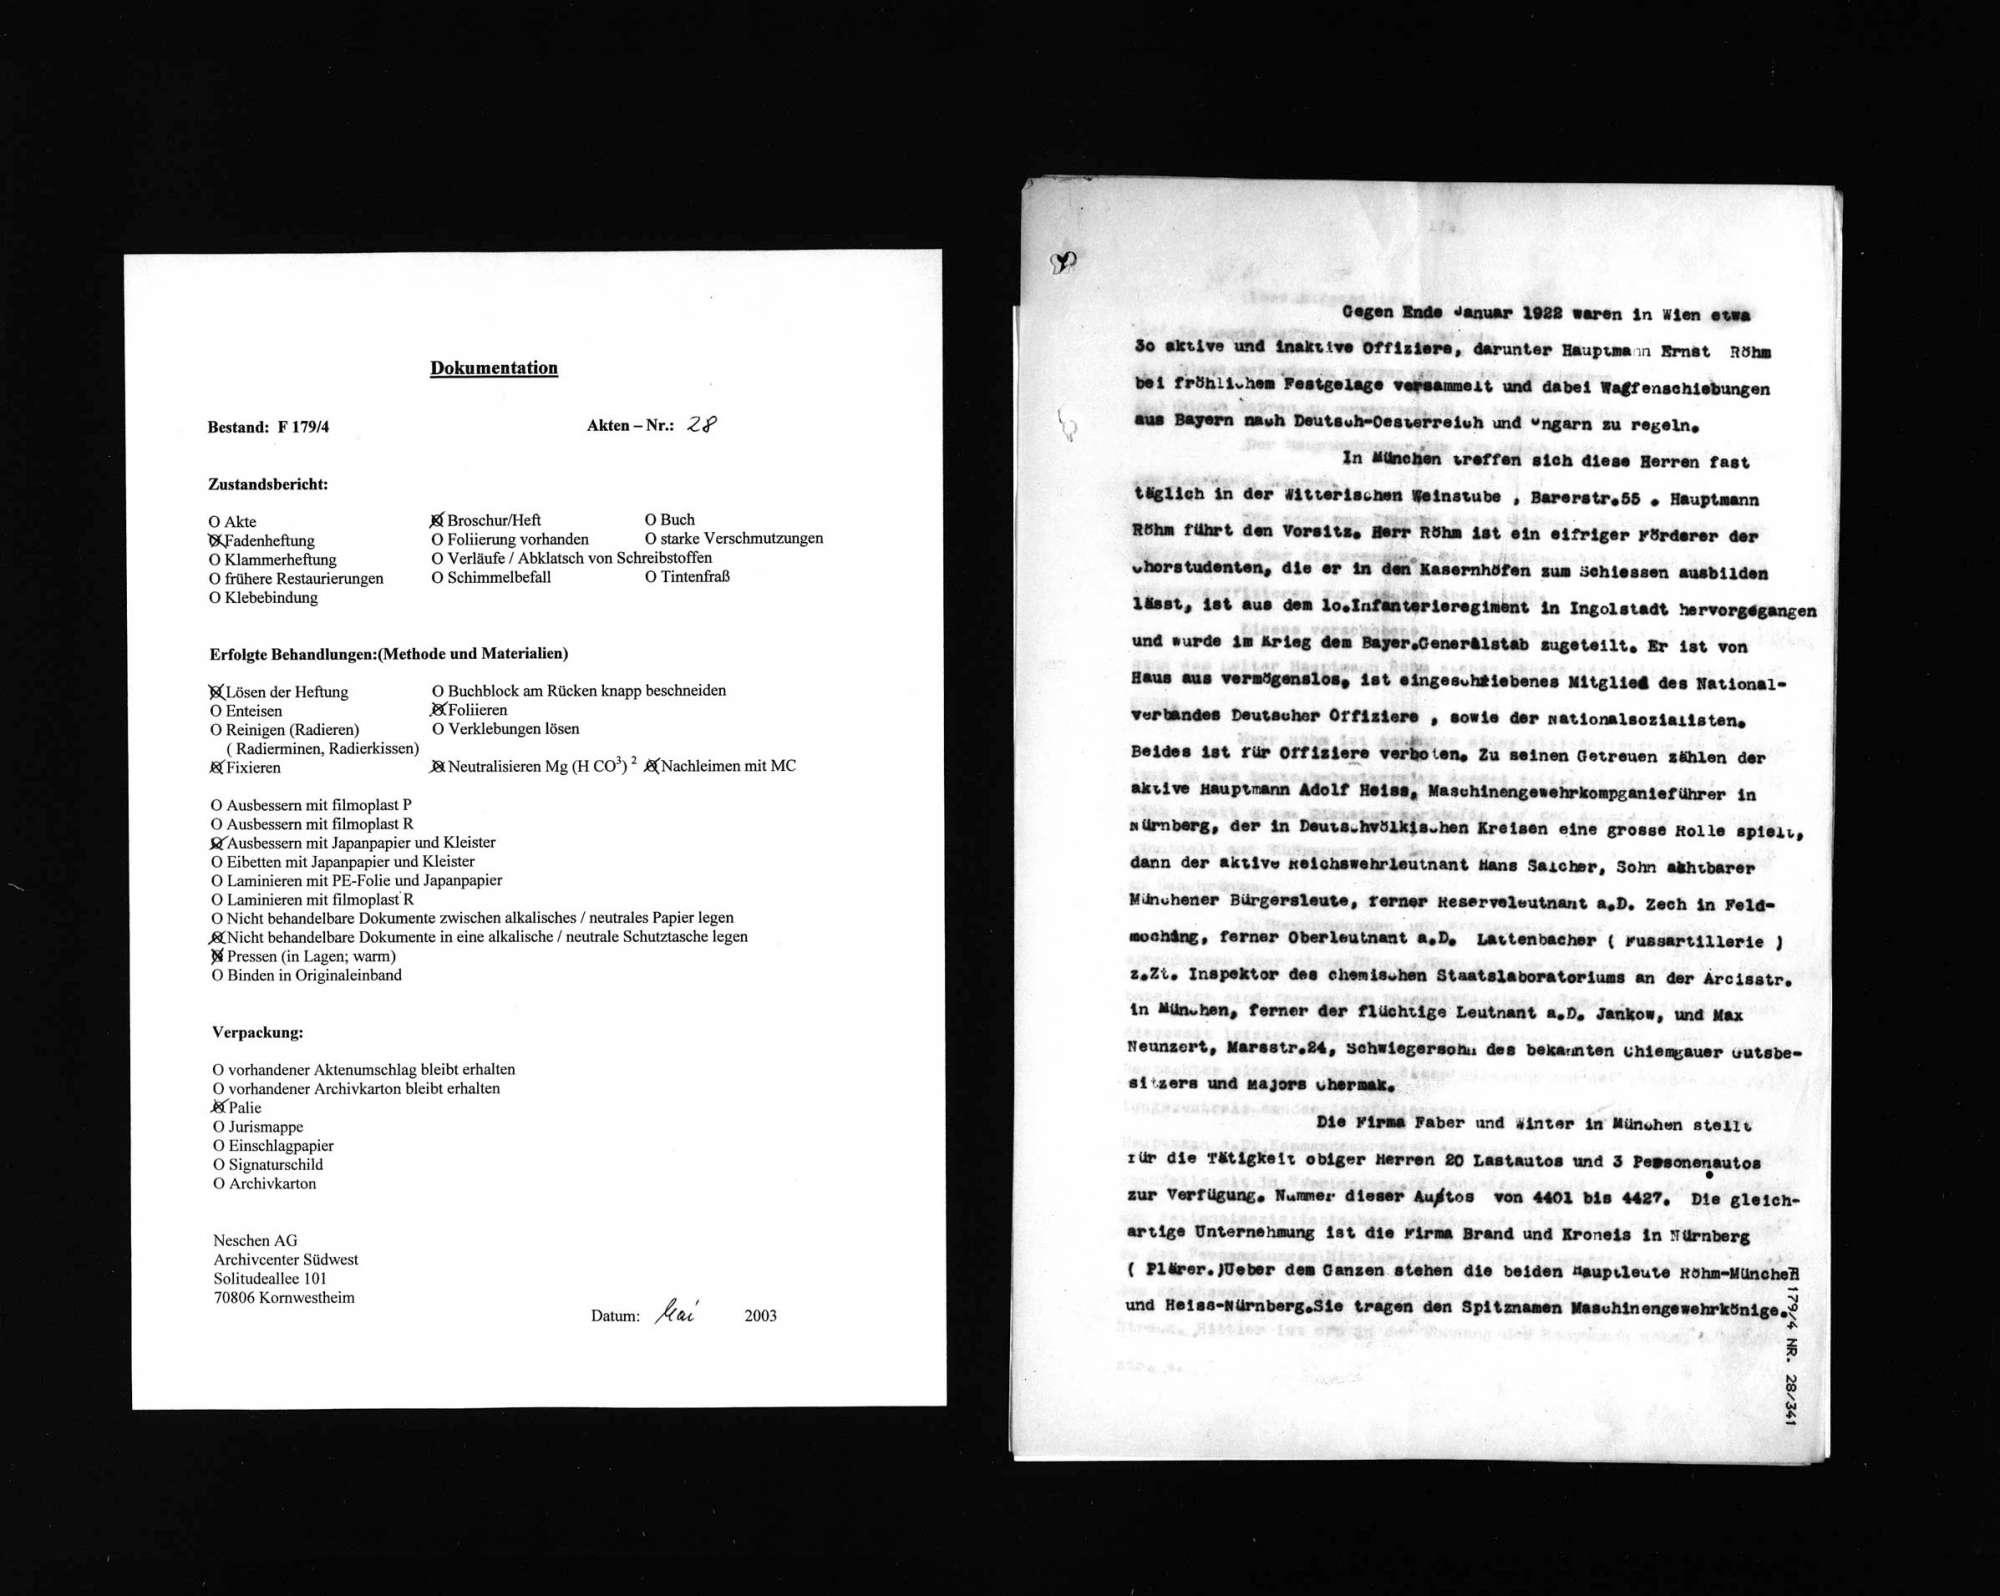 Ermittlungen nach der Tat im rechtsextremen Umfeld, Bild 1